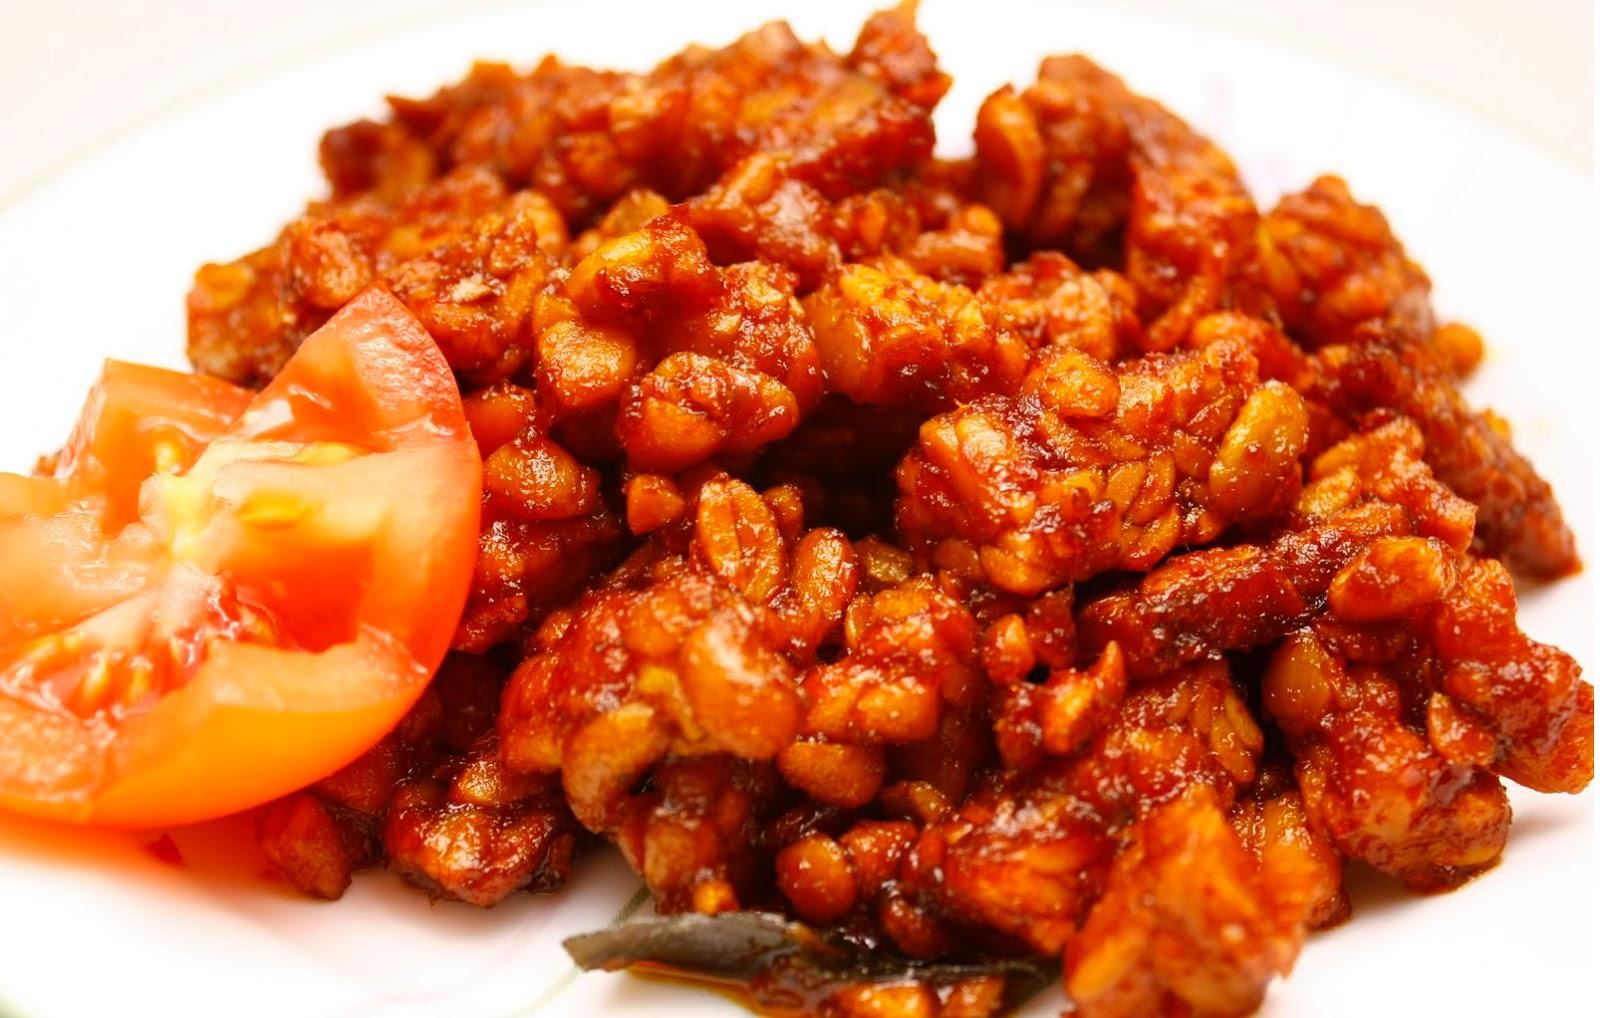 Resep Masakan Sambal Goreng Tempe | KUMPULAN RESEP MASAKAN